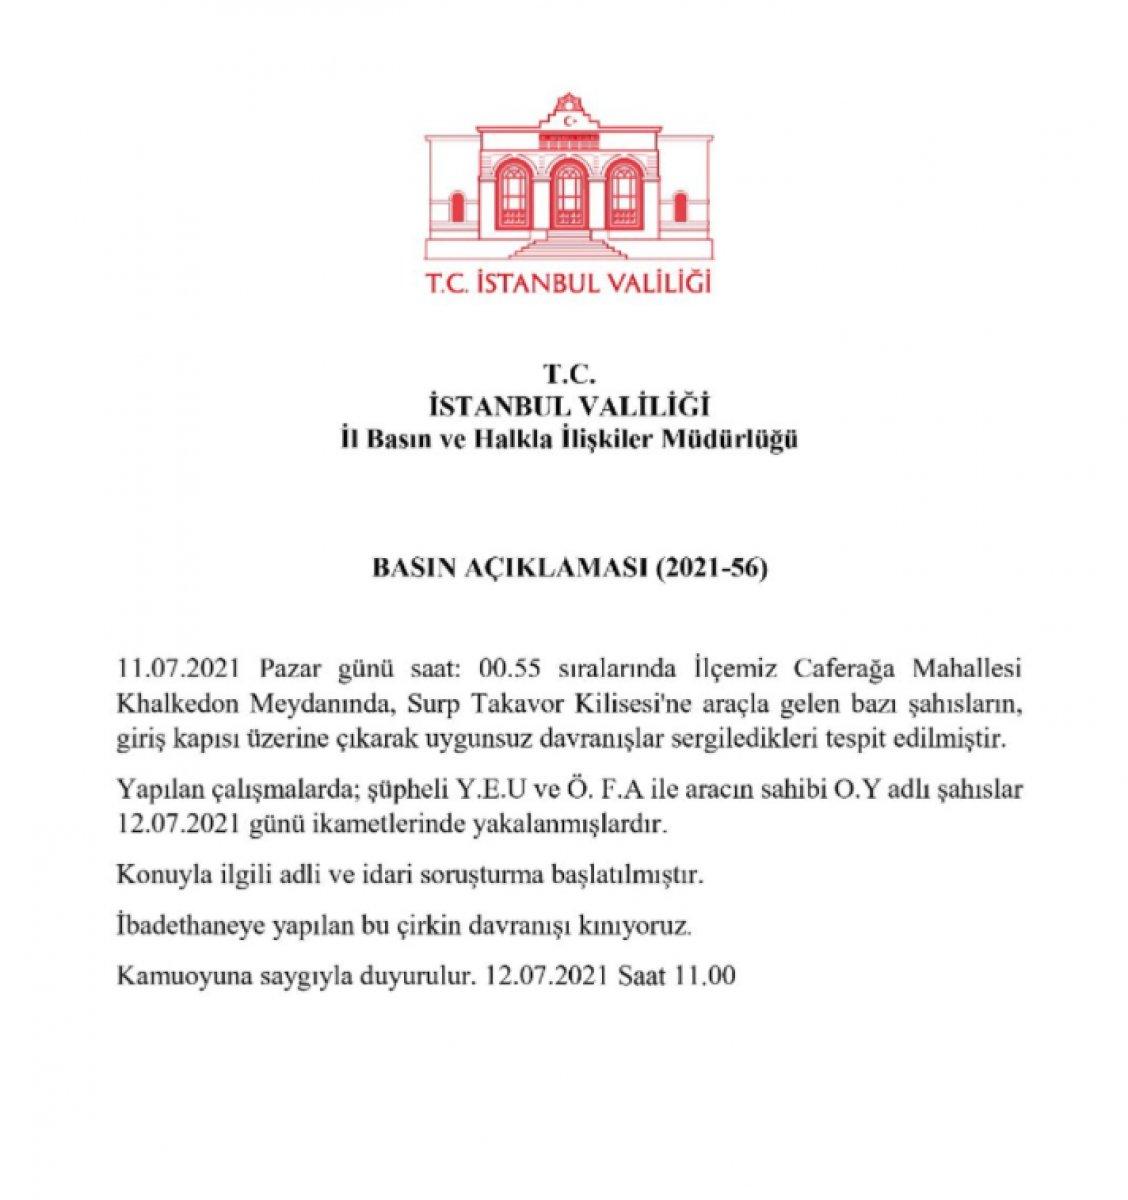 Kadıköy'de kilise kapısı üzerinde dans ettiler  #9